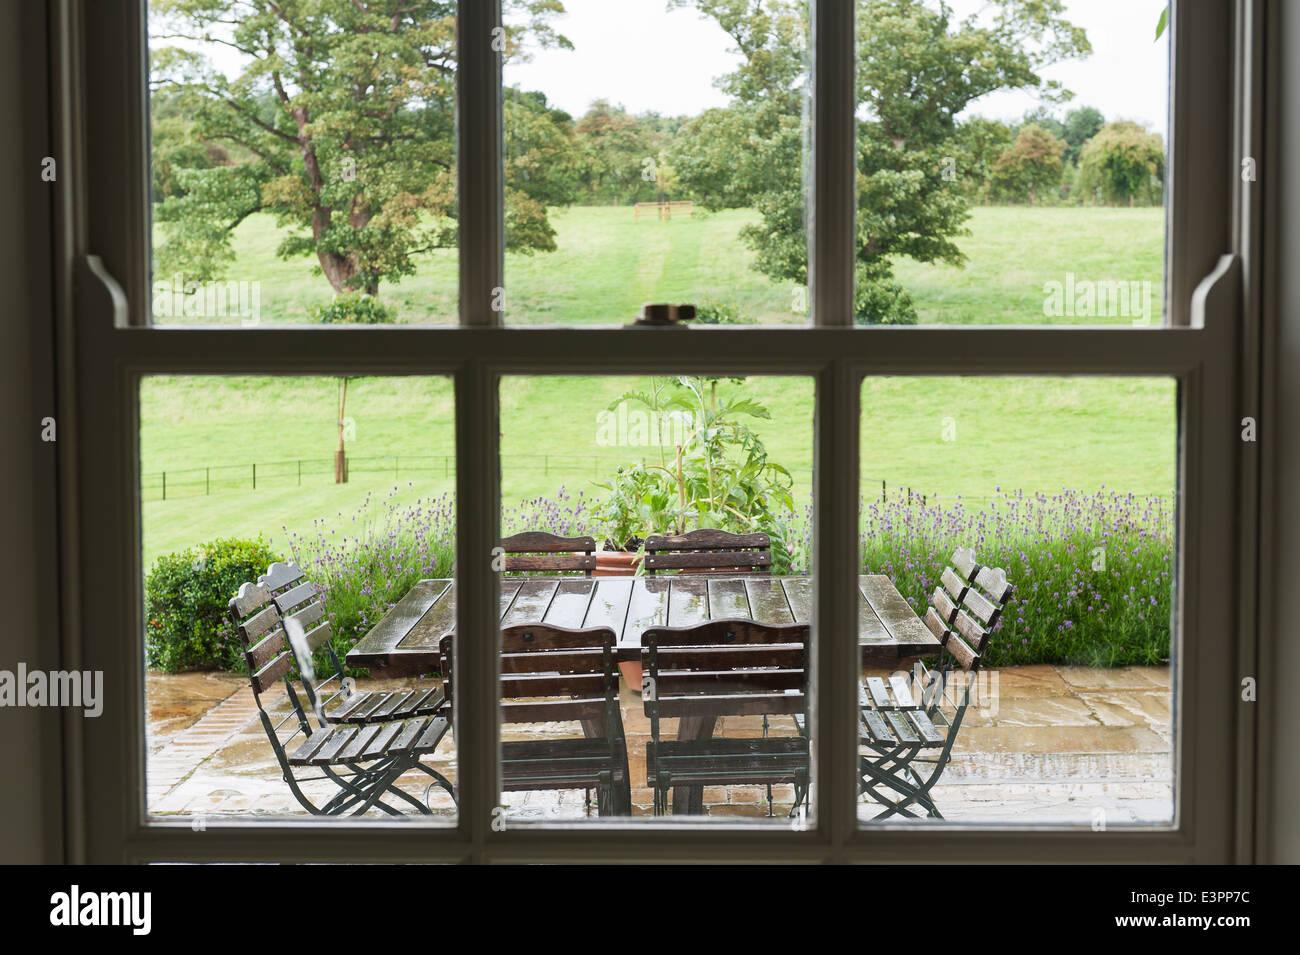 Verglaste Fenster, Blick zum Garten-Terrasse mit Gartenmöbel nass